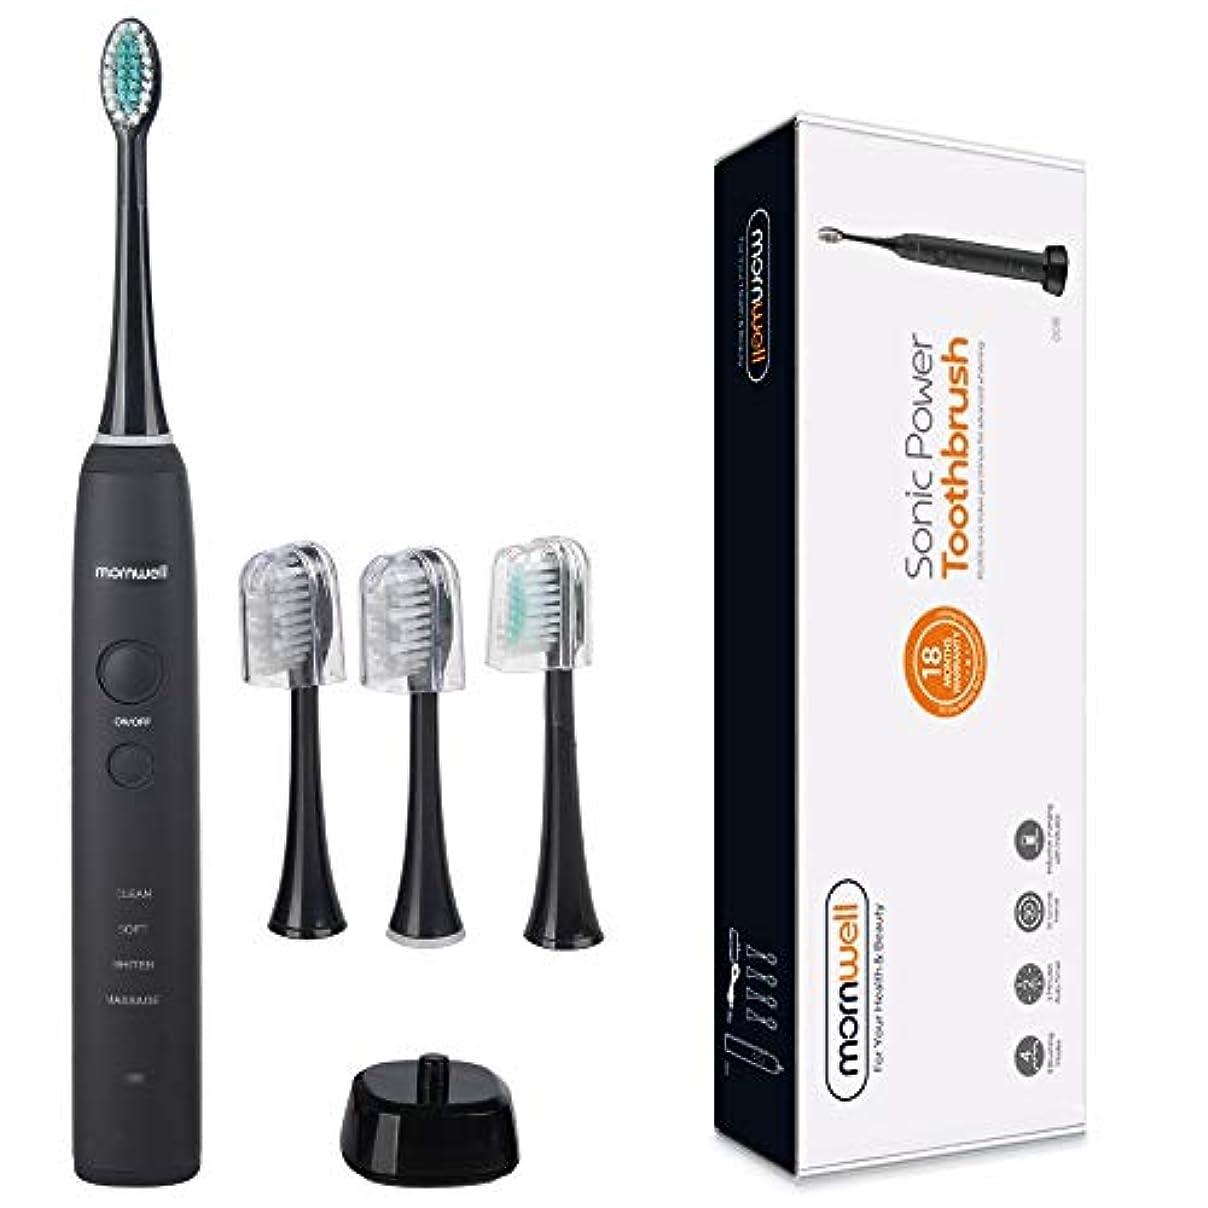 ペインギリック害発明YPZHEN IPX7は再充電可能な大人の音波パルス電動歯ブラシ、米国のプラグを防水します (色 : Black)